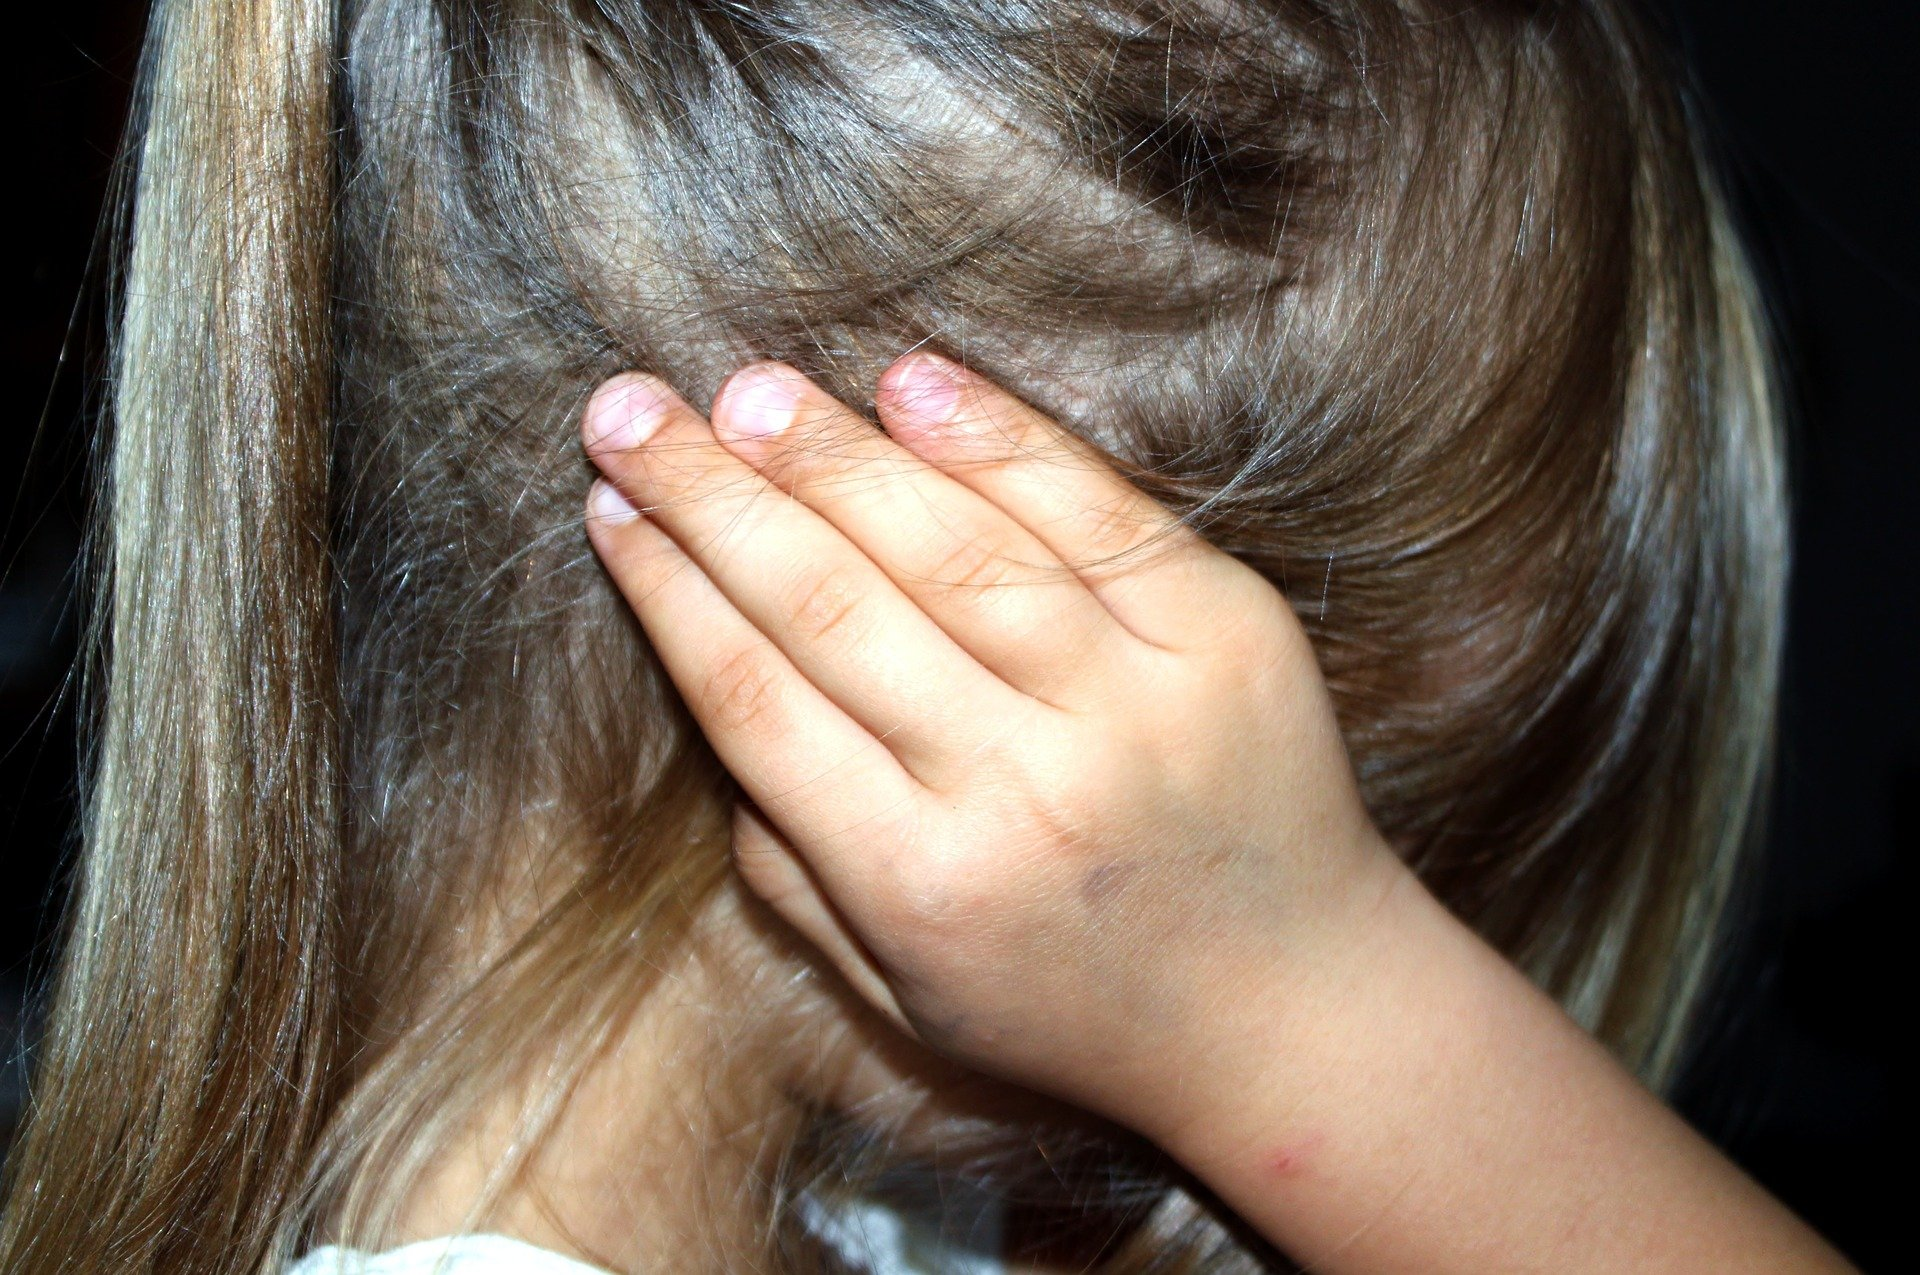 Duelo en la infancia, cómo gestionarlo